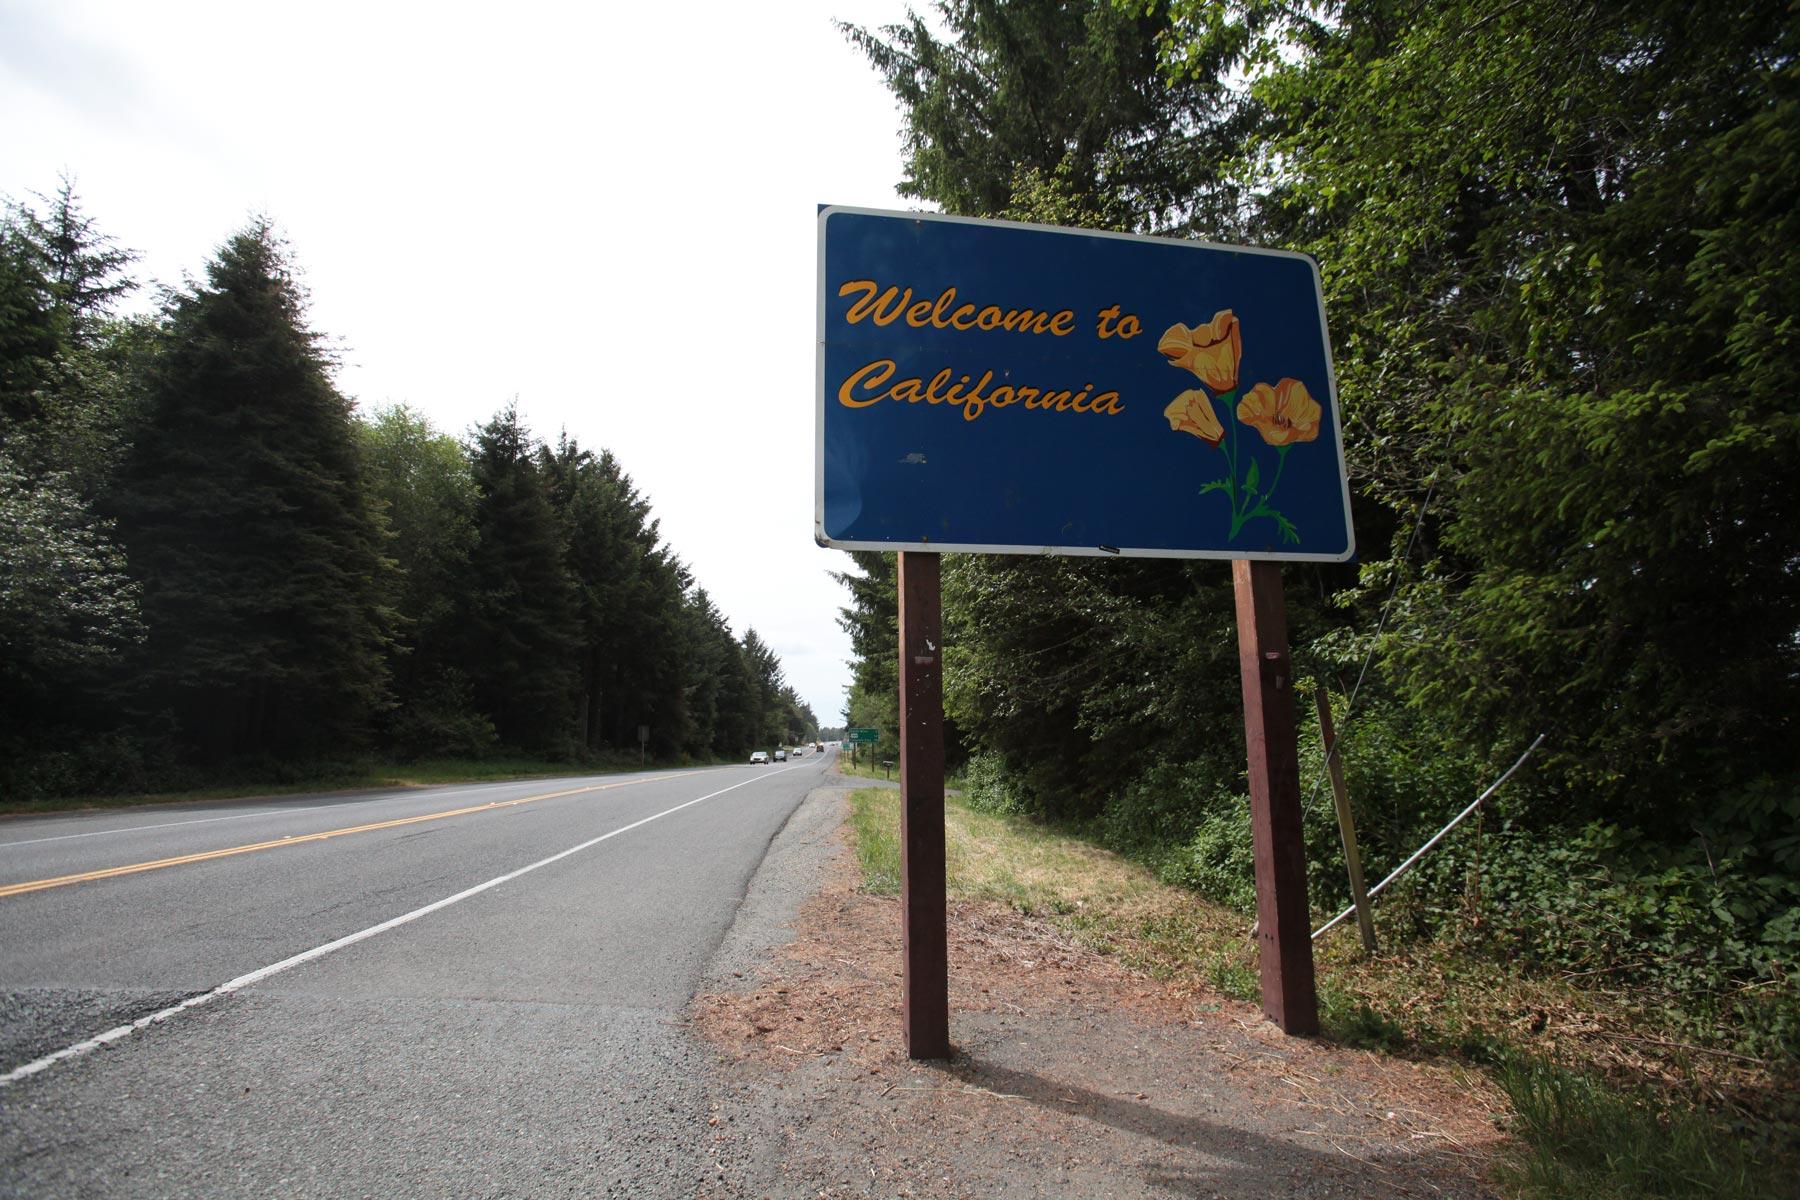 Selfie-pysäkki Oregonin ja Kalifornian rajalla. (c) Teea Jokihaara /tripsteri.fi